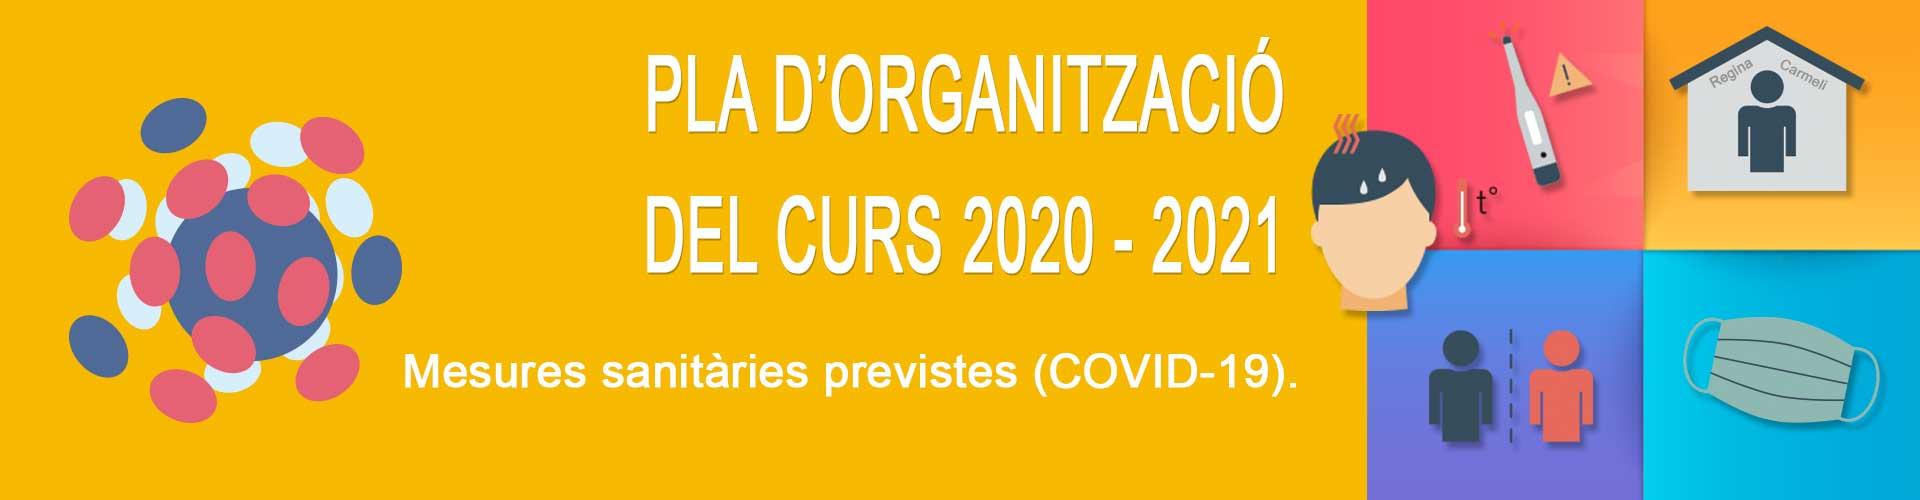 regina-carmeli-horta-pla-organitzacio-i-mesures-covid-curs-2020-2021